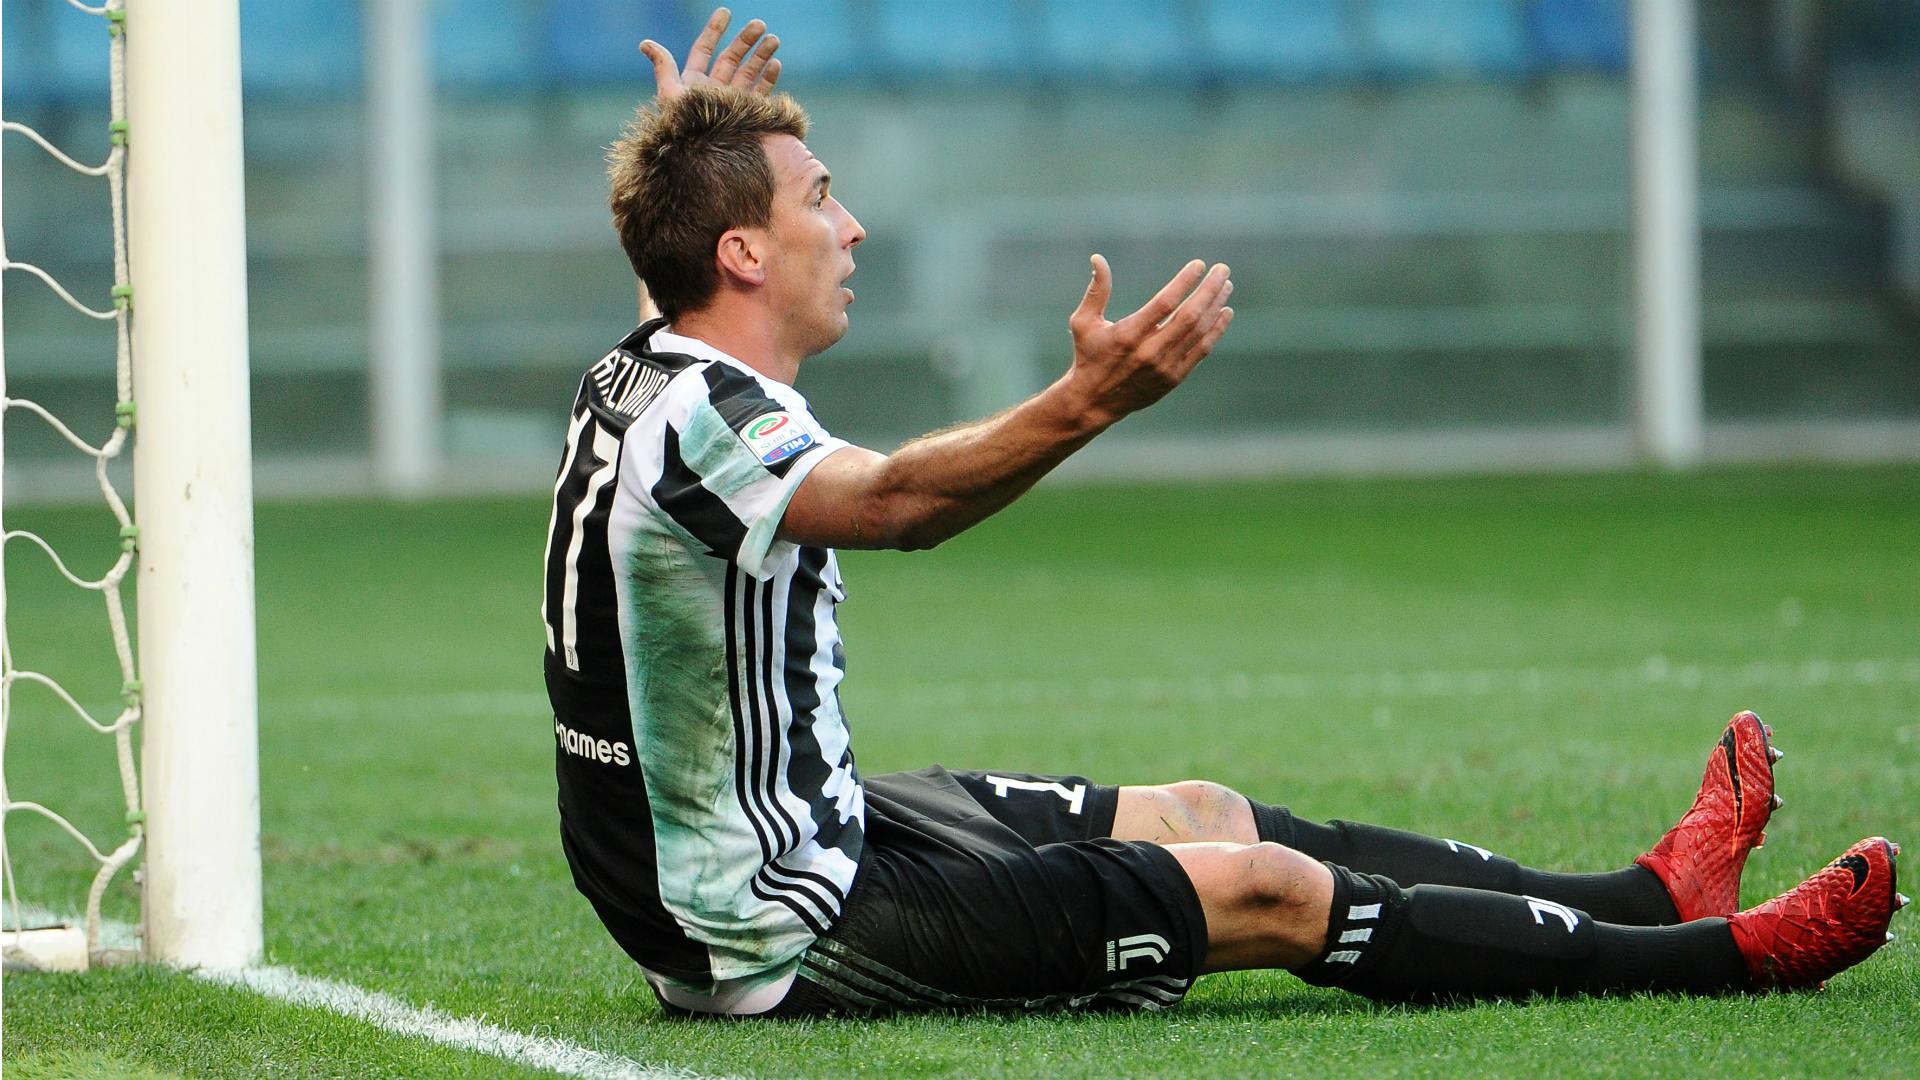 Napoli-Juventus, i convocati di Allegri: Mandzukic e Howedes restano a casa